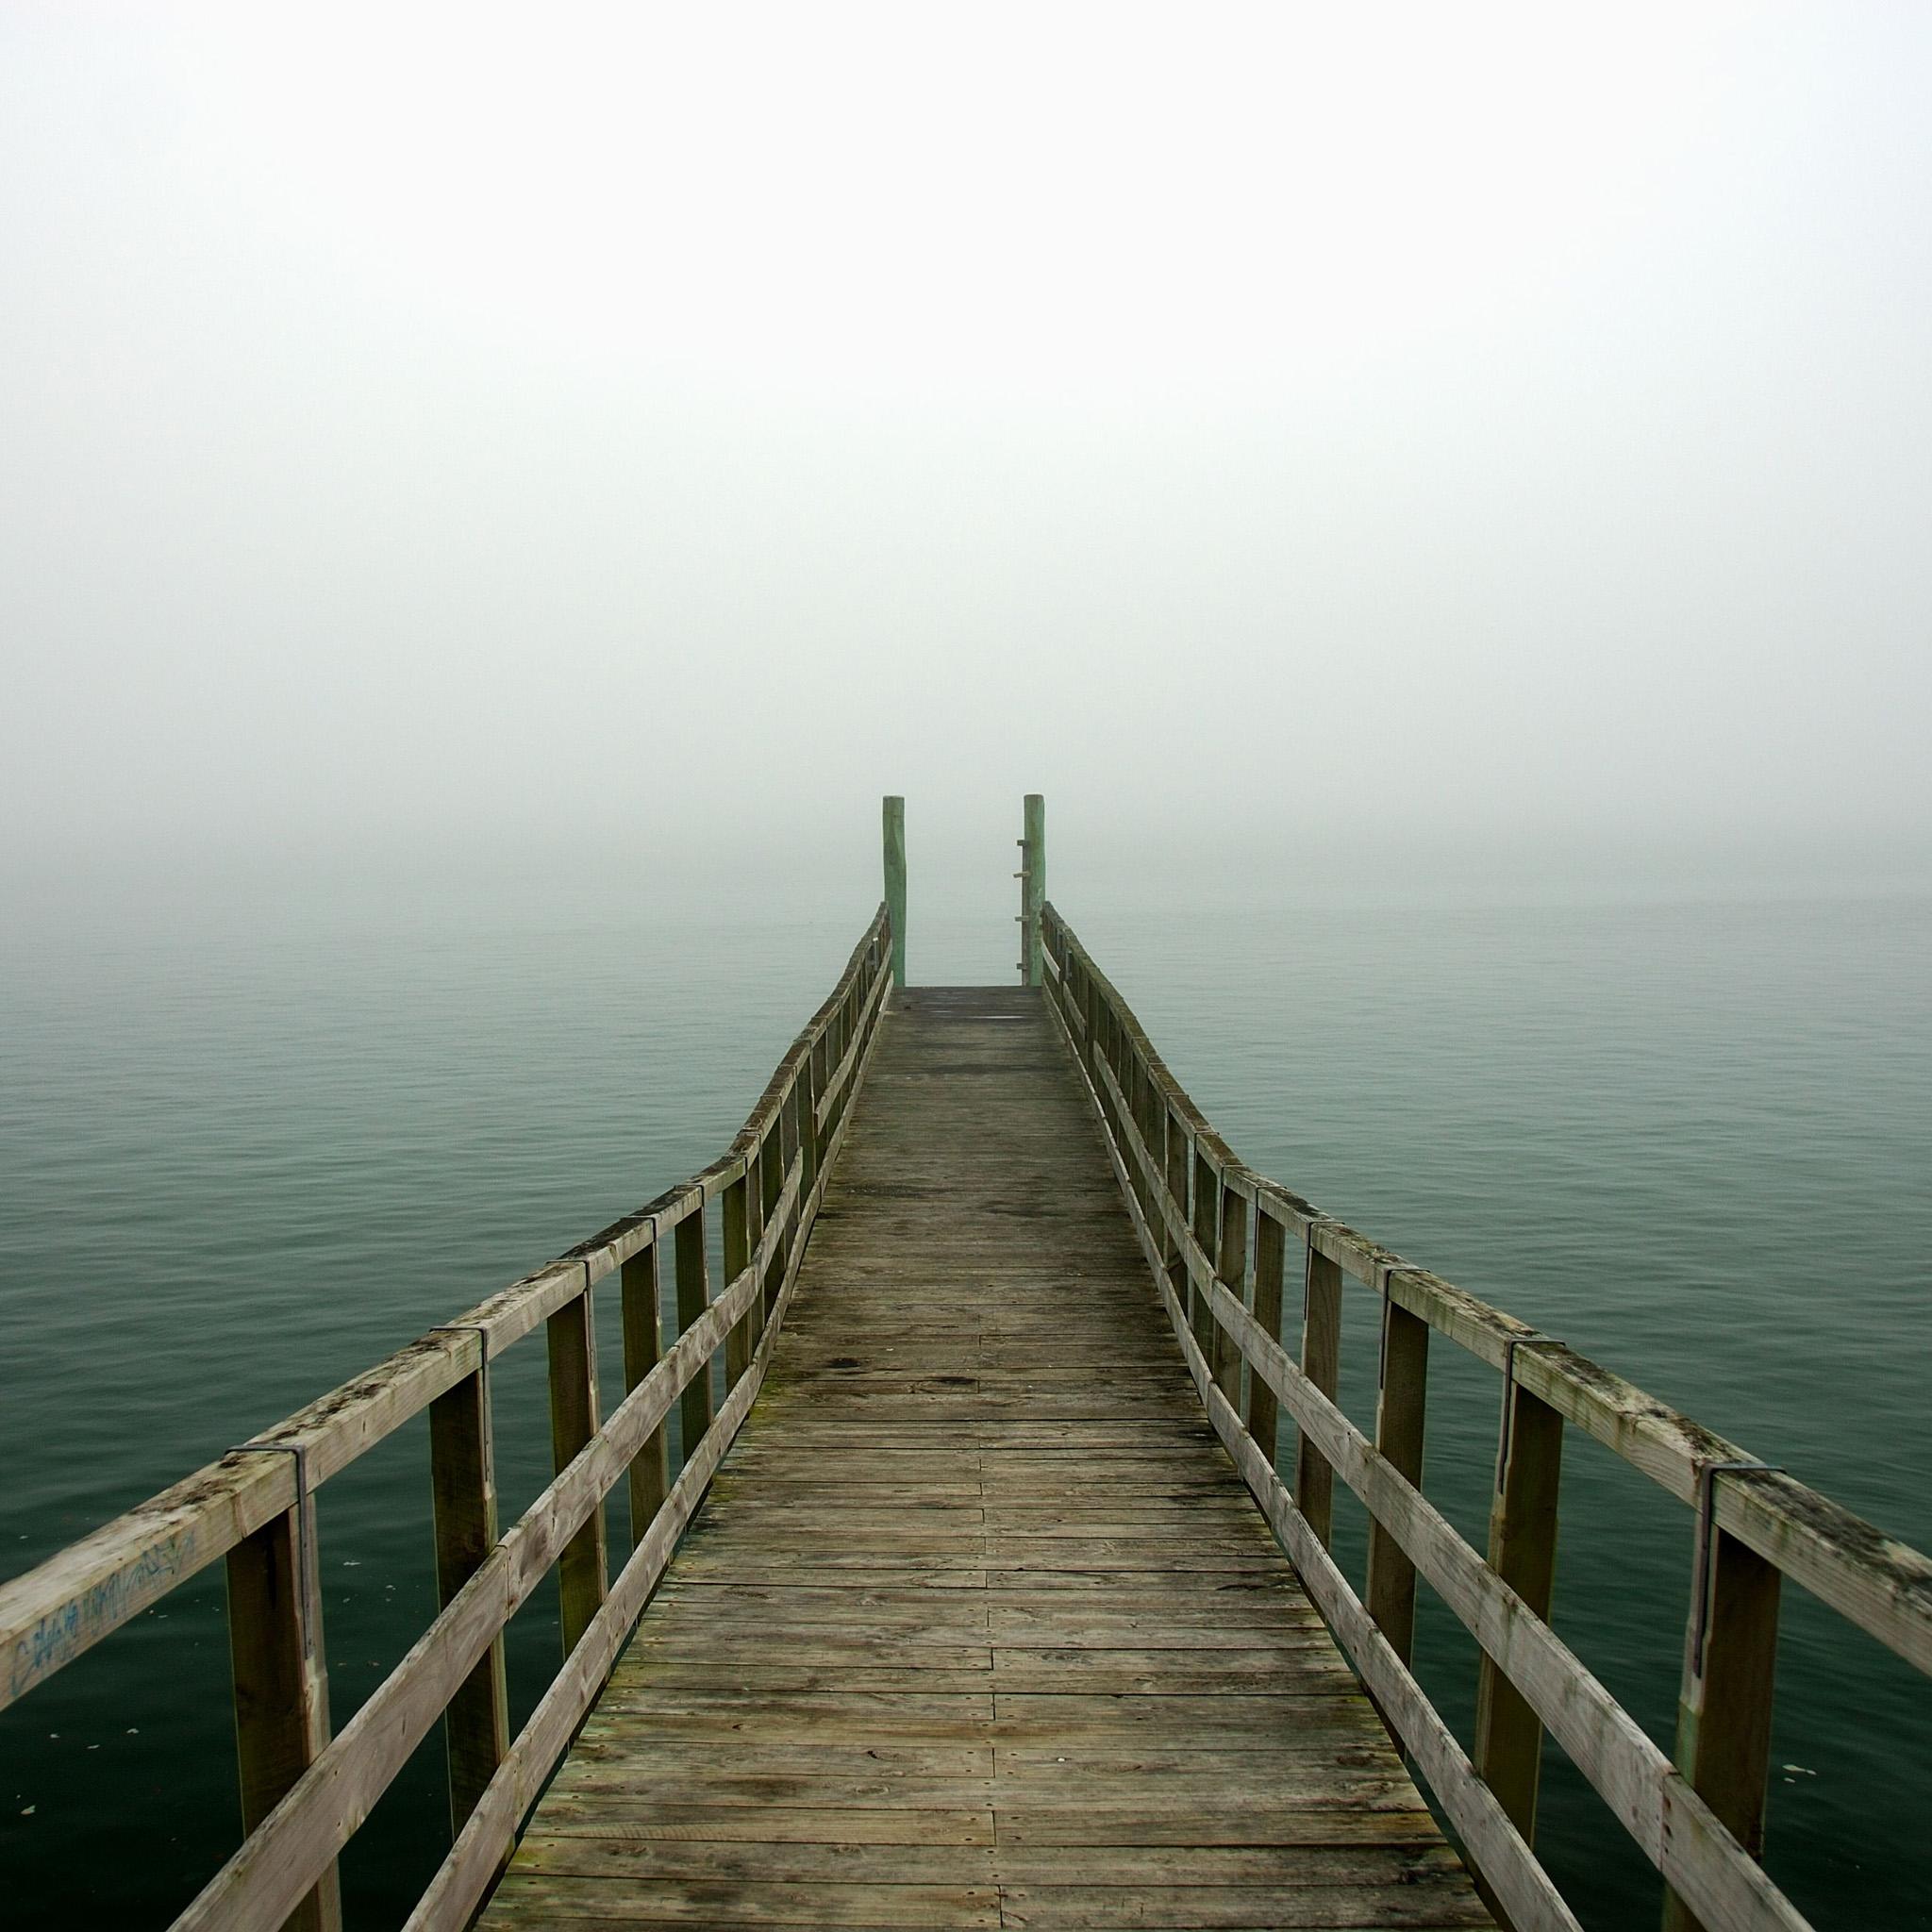 Misty Morning IPad Wallpaper